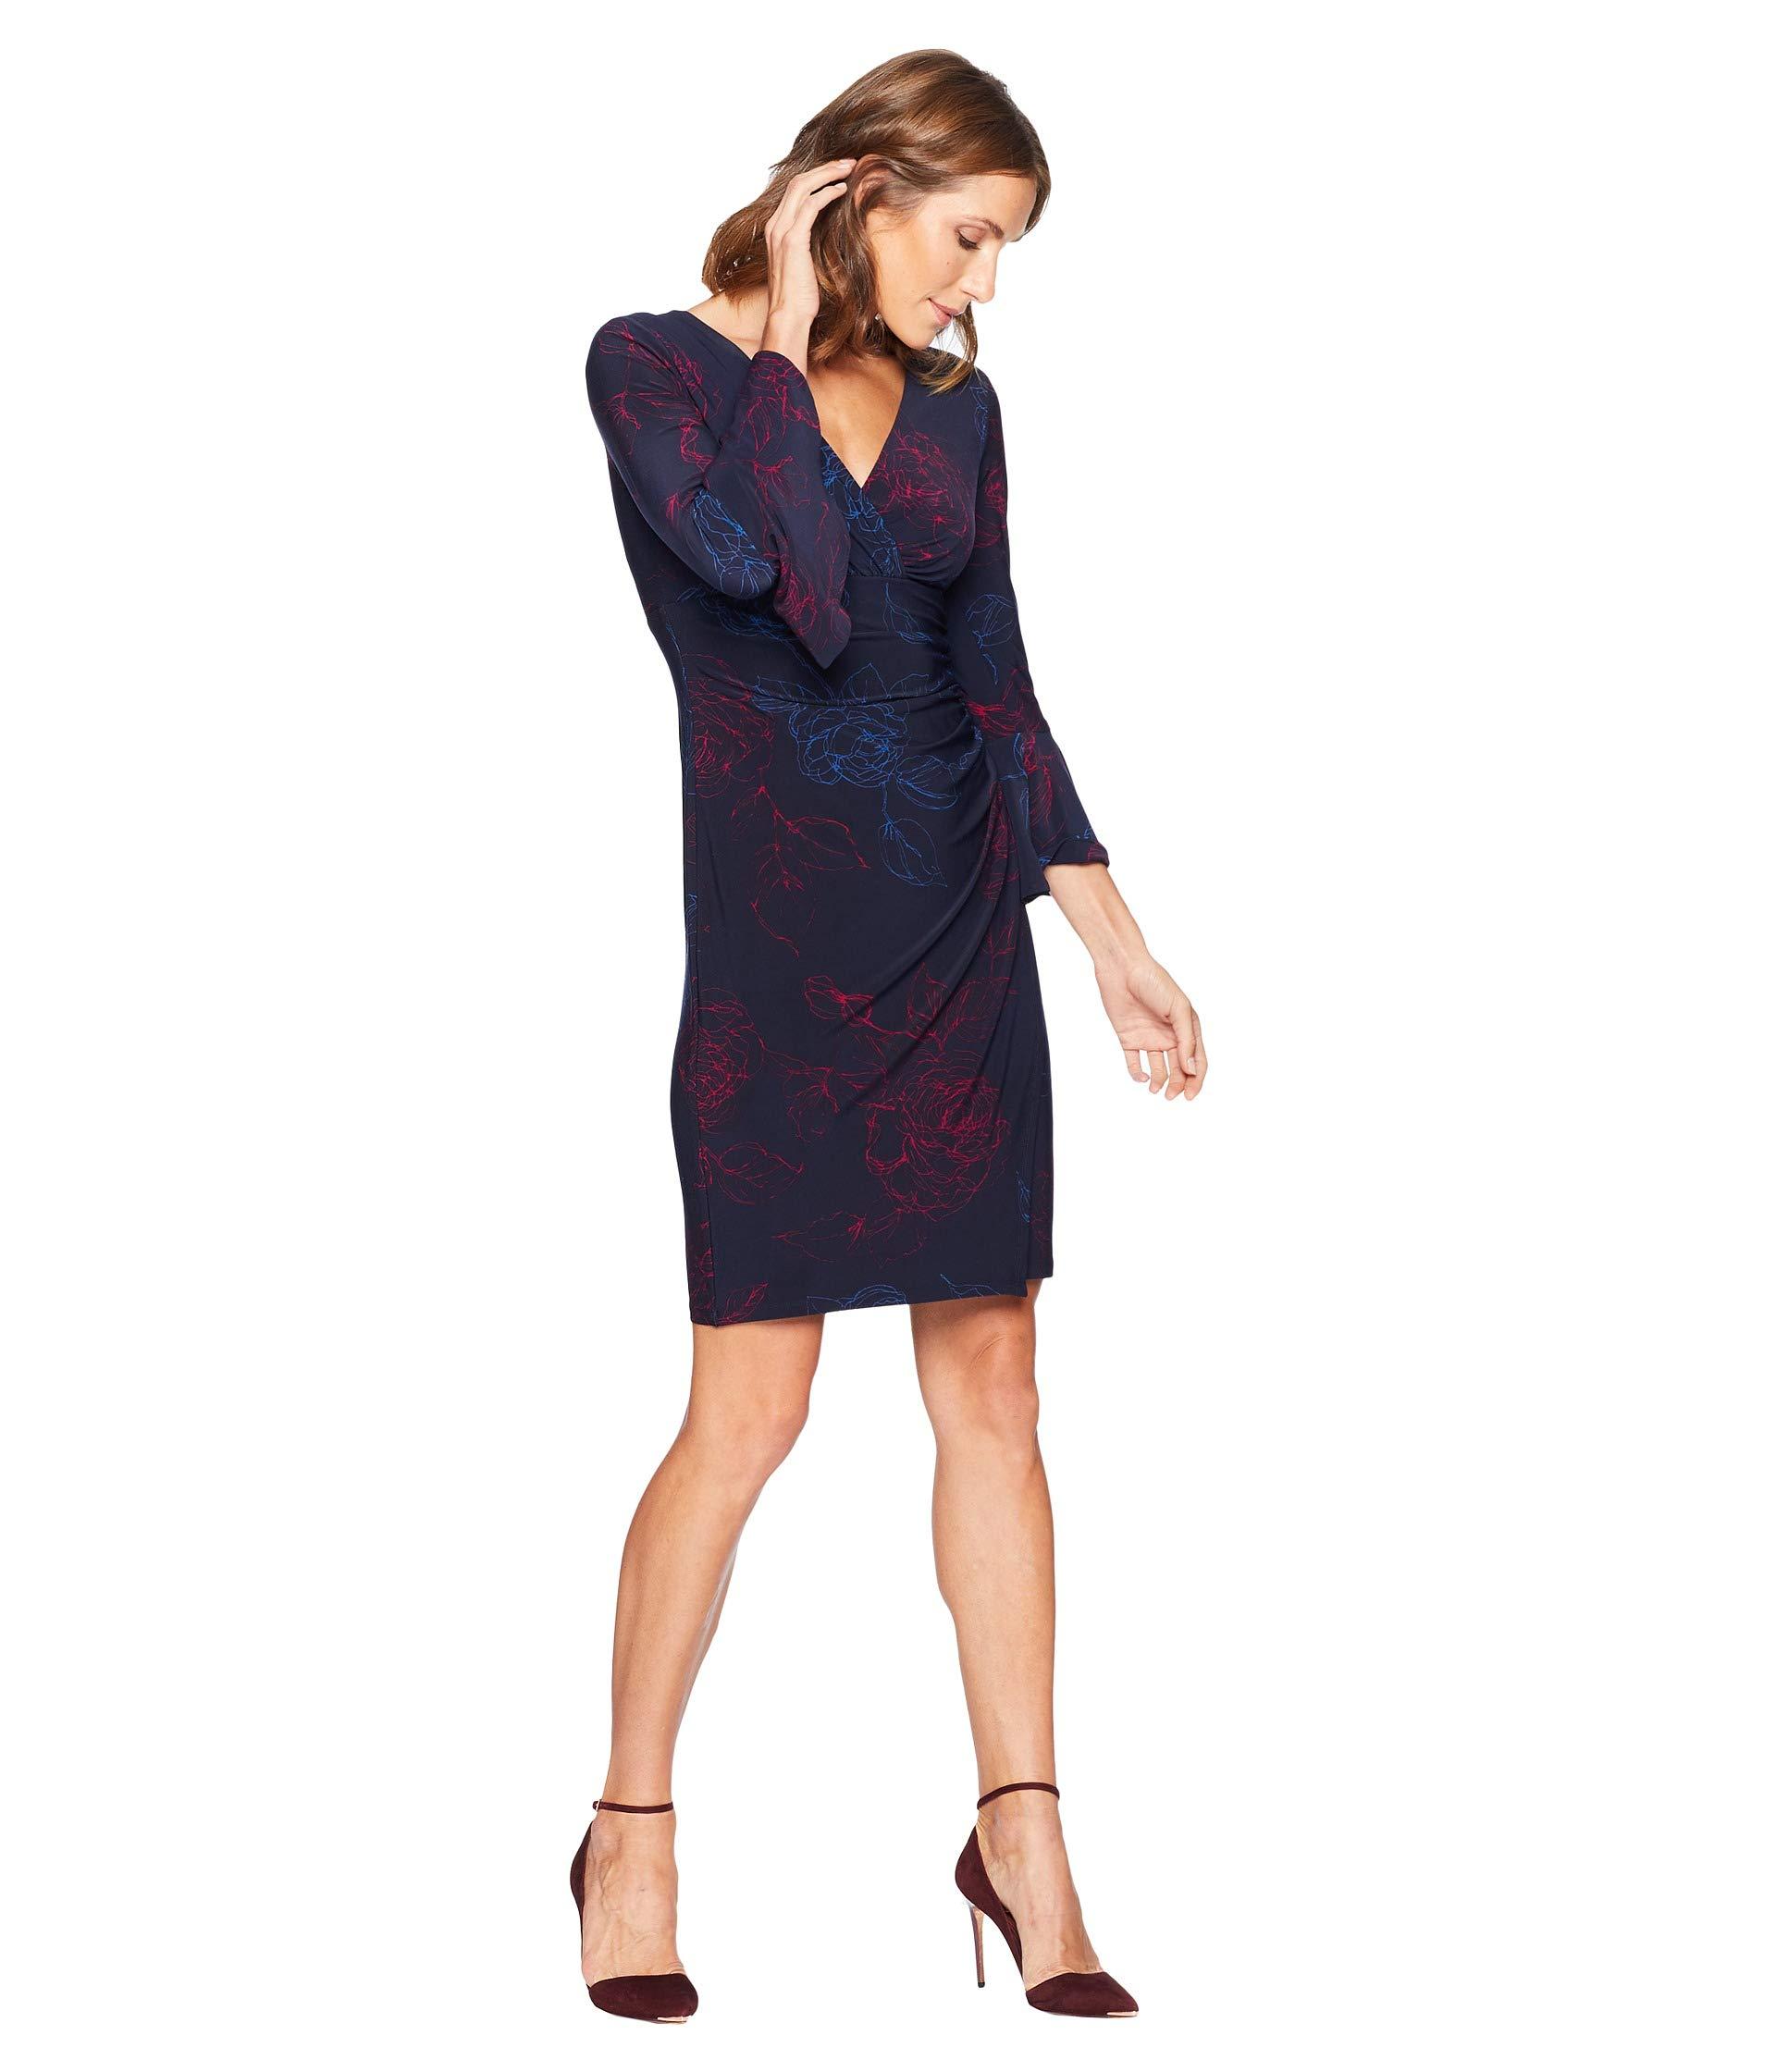 Elsietta porter berry Matte Joyous Navy Blue Day Dress Lighthouse 4 Lauren Ralph Jersey 3 Floral Sleeve wXBTOUqx6